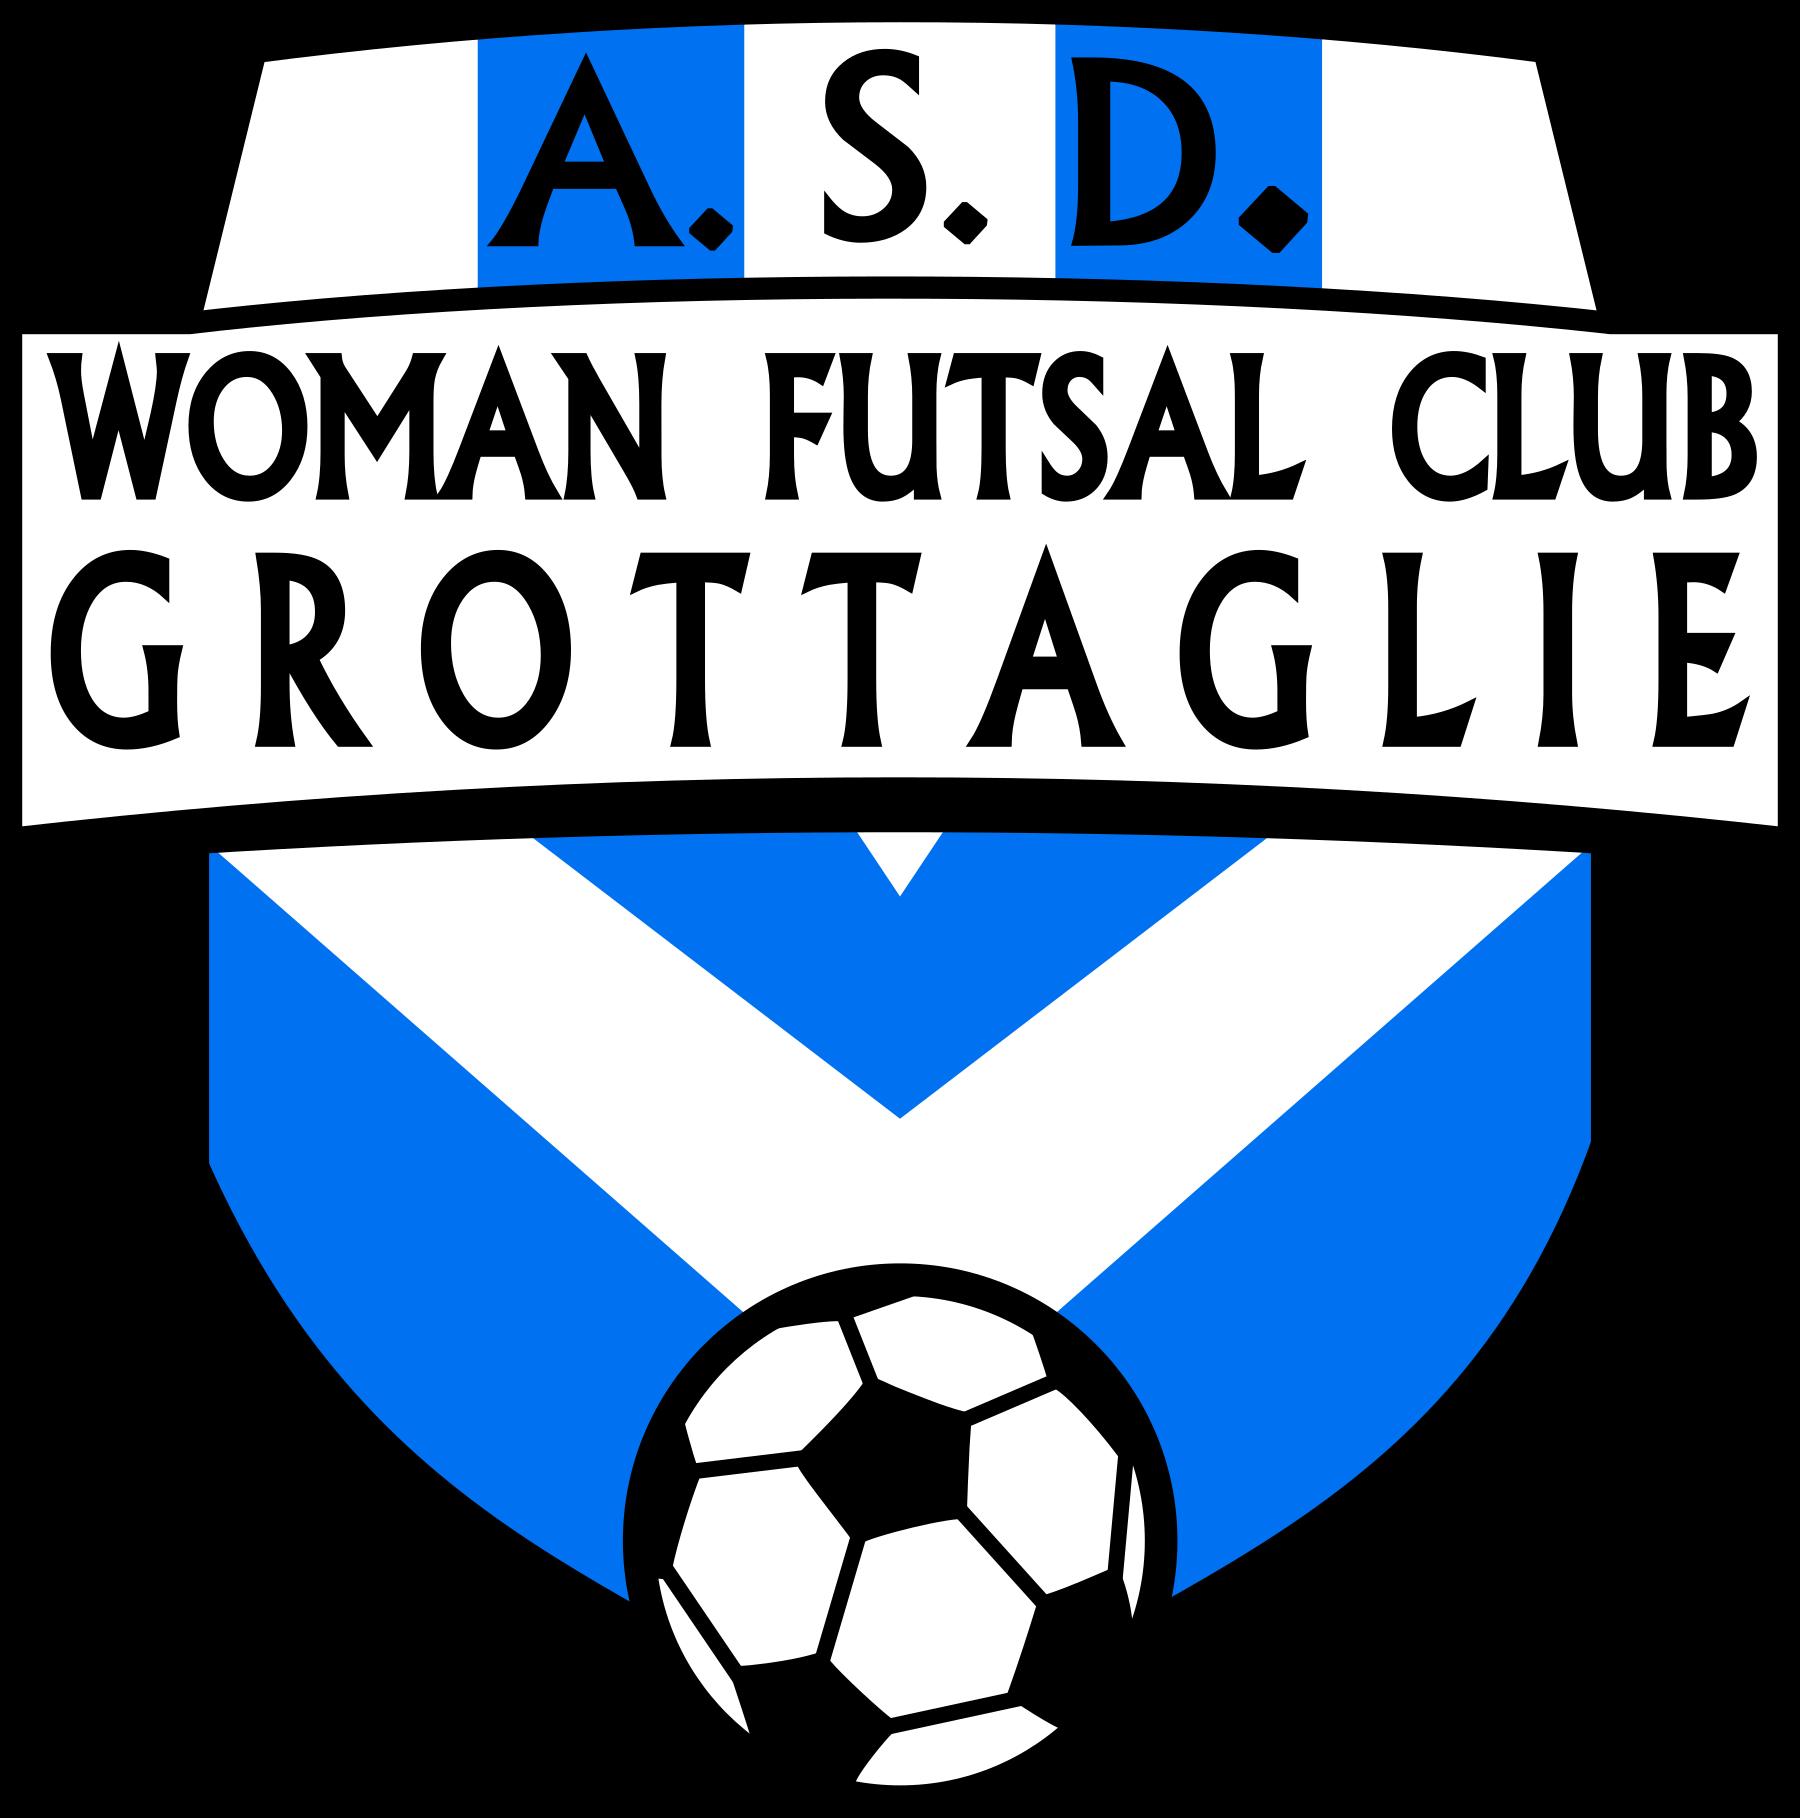 WOMAN FUTSAL CLUB GROTTAGLIE